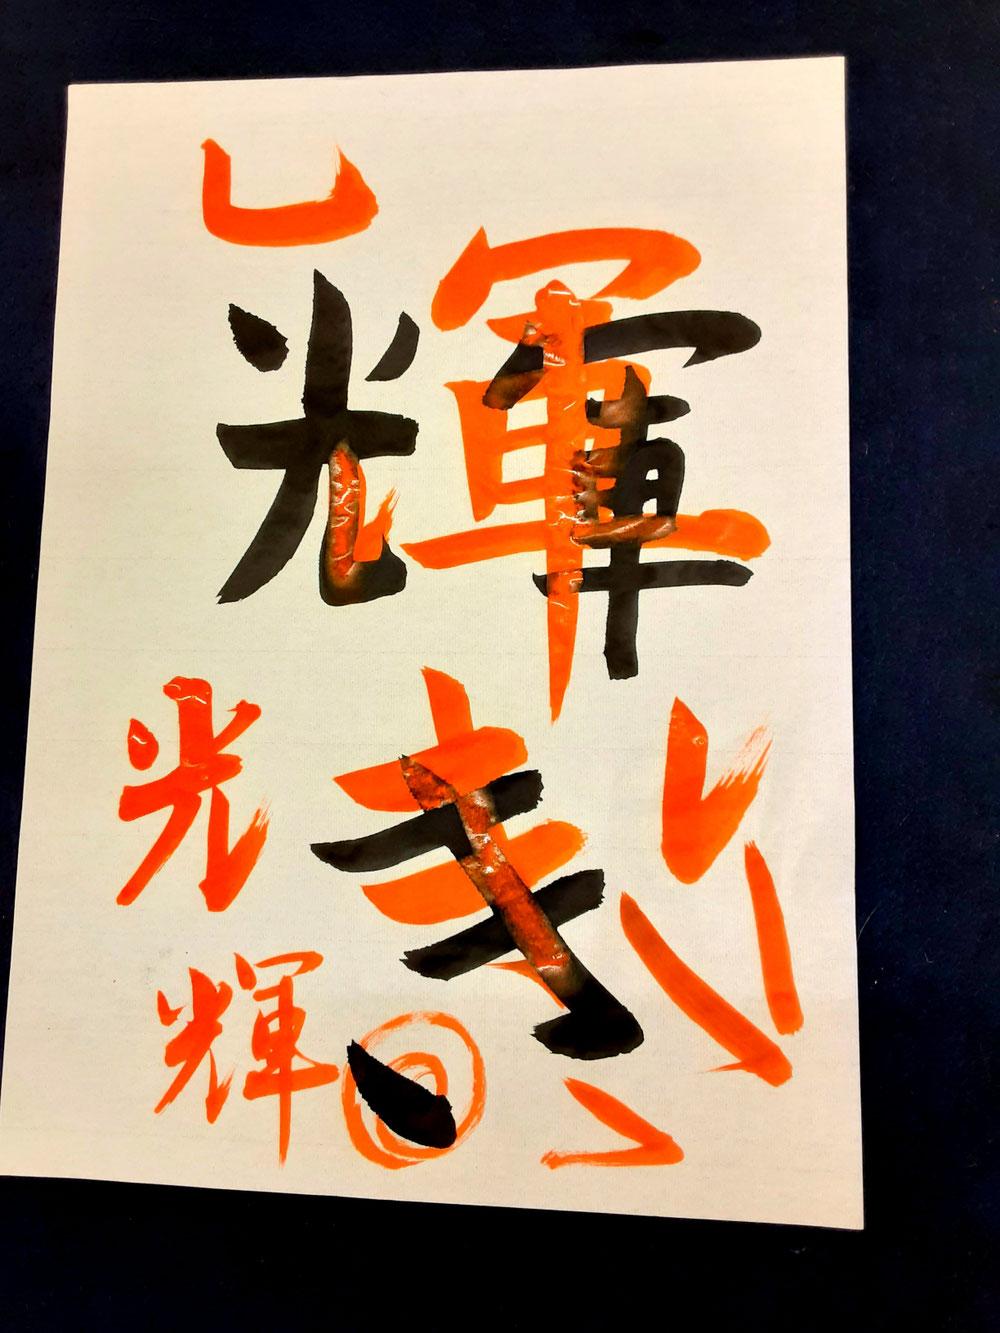 小3の長男の作品。このくらいの学年の子は難しい漢字が大好き。